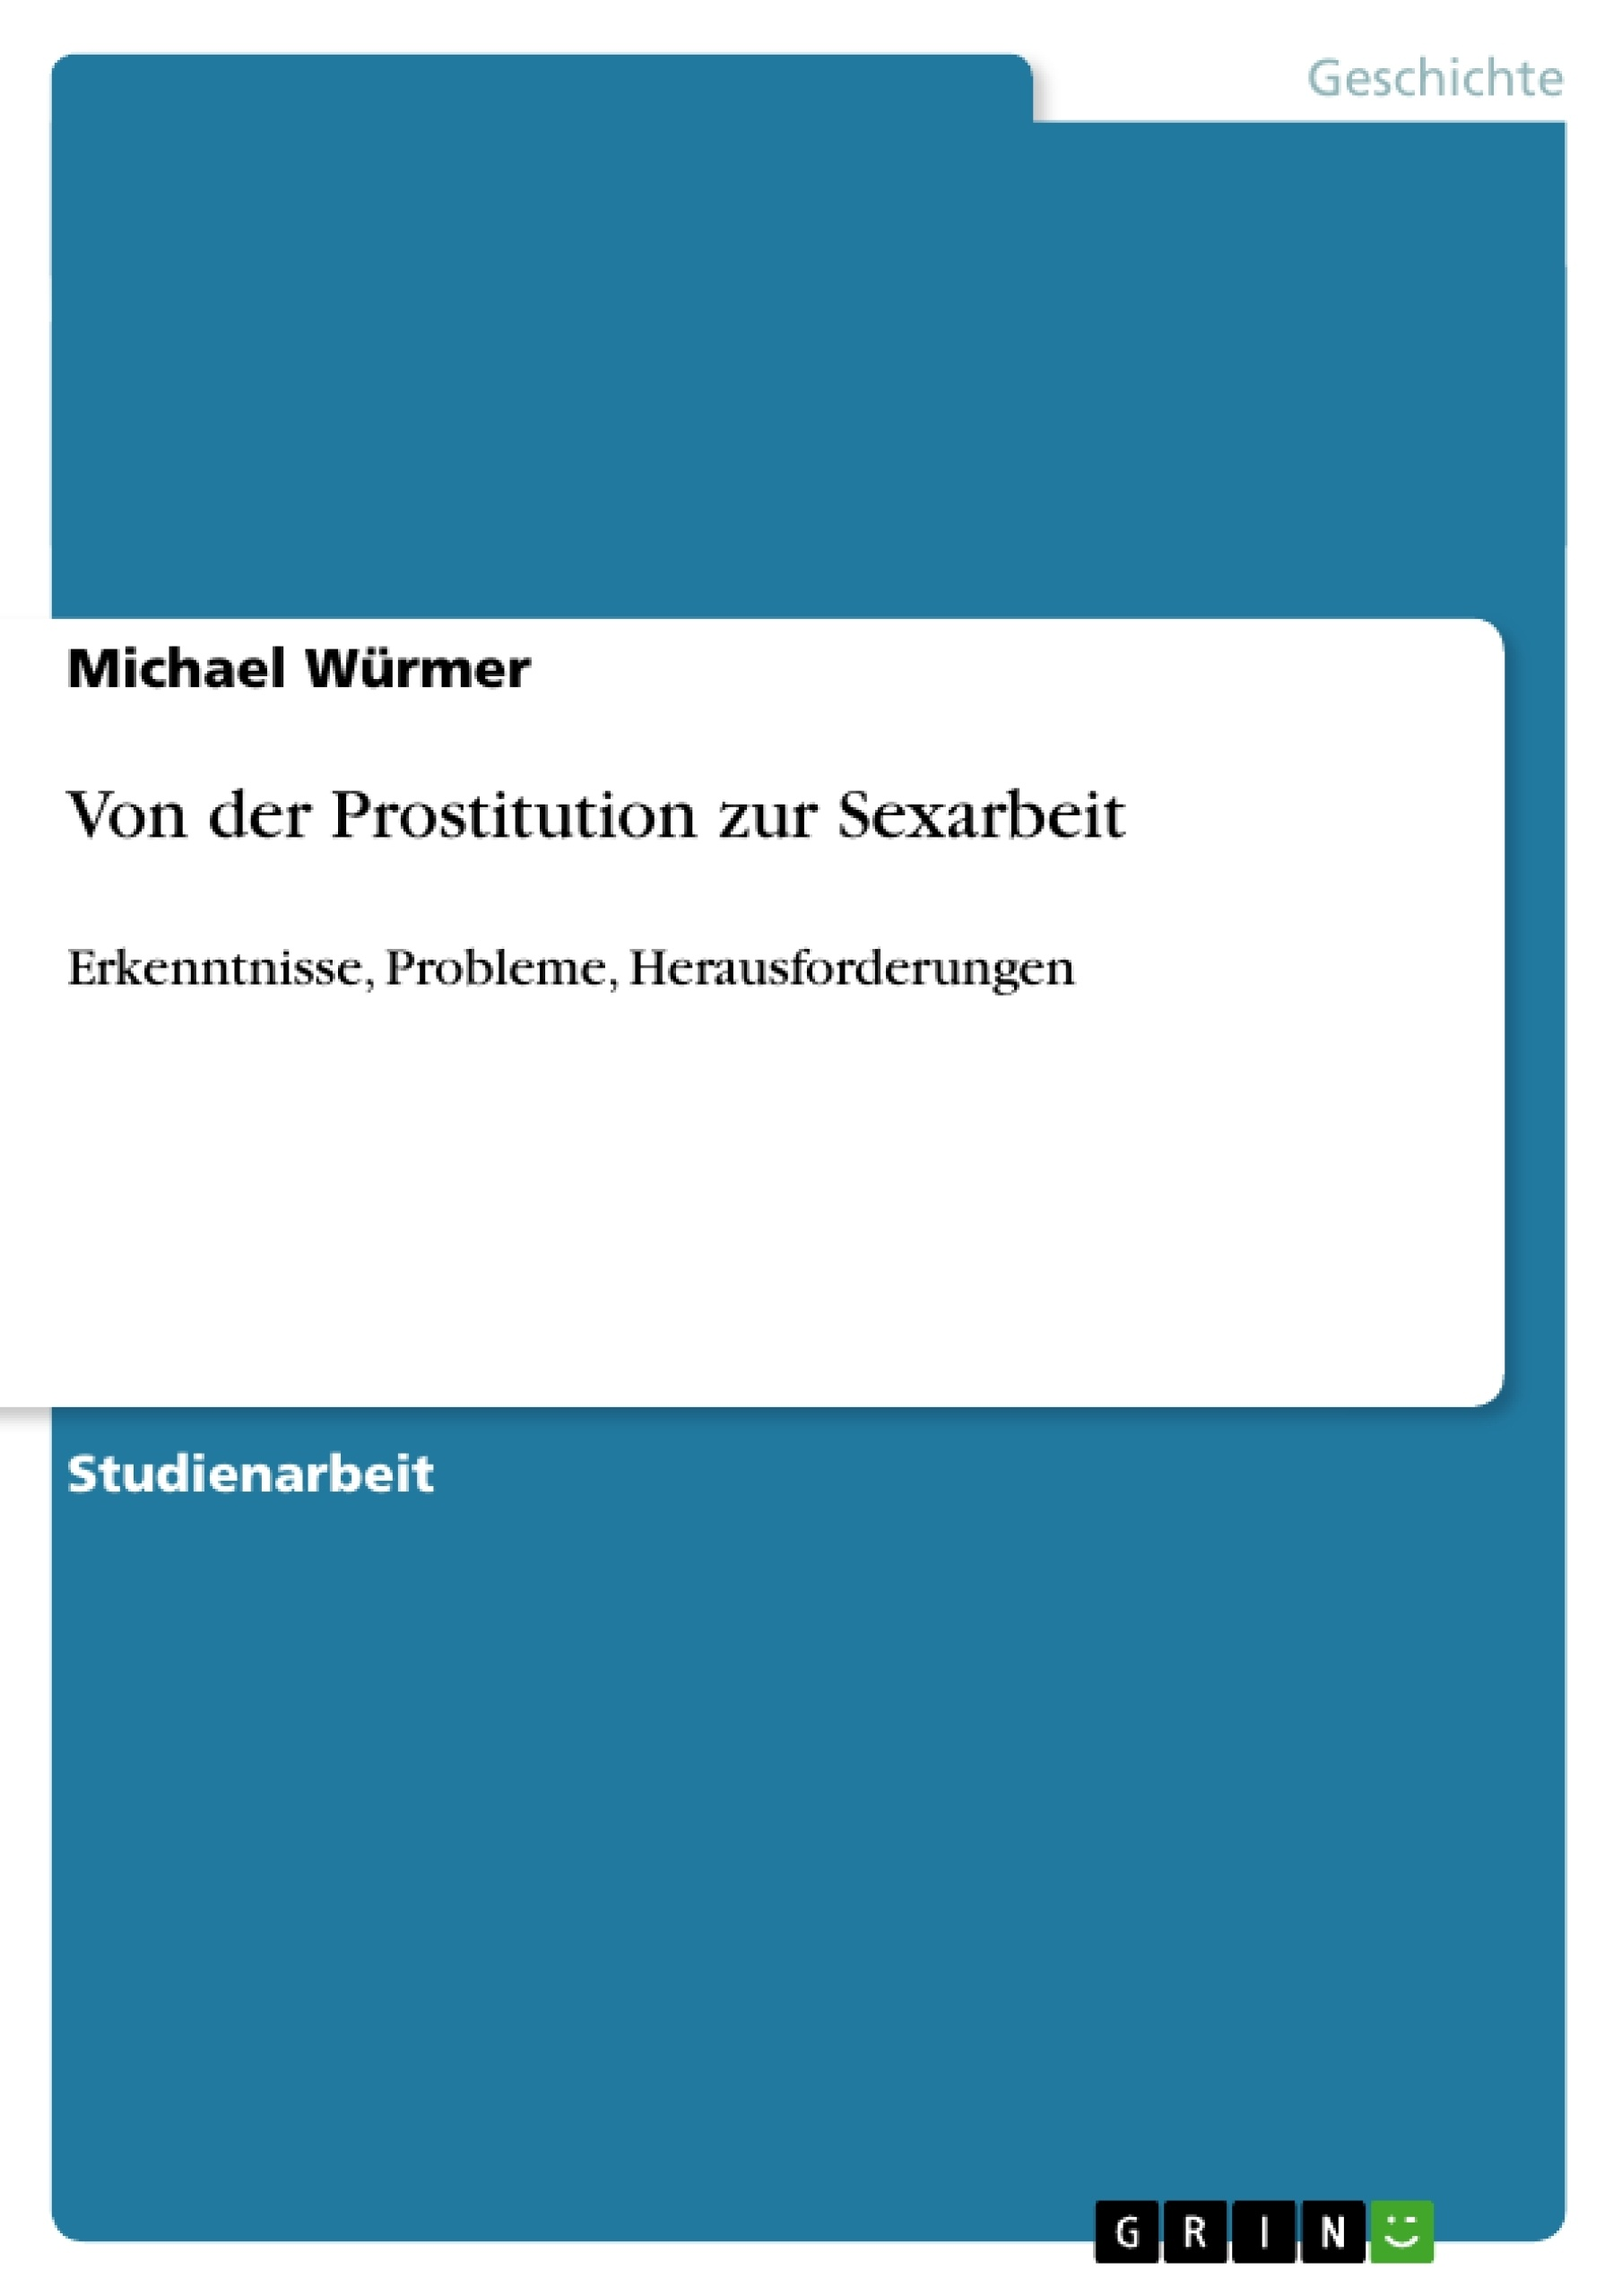 Titel: Von der Prostitution zur Sexarbeit